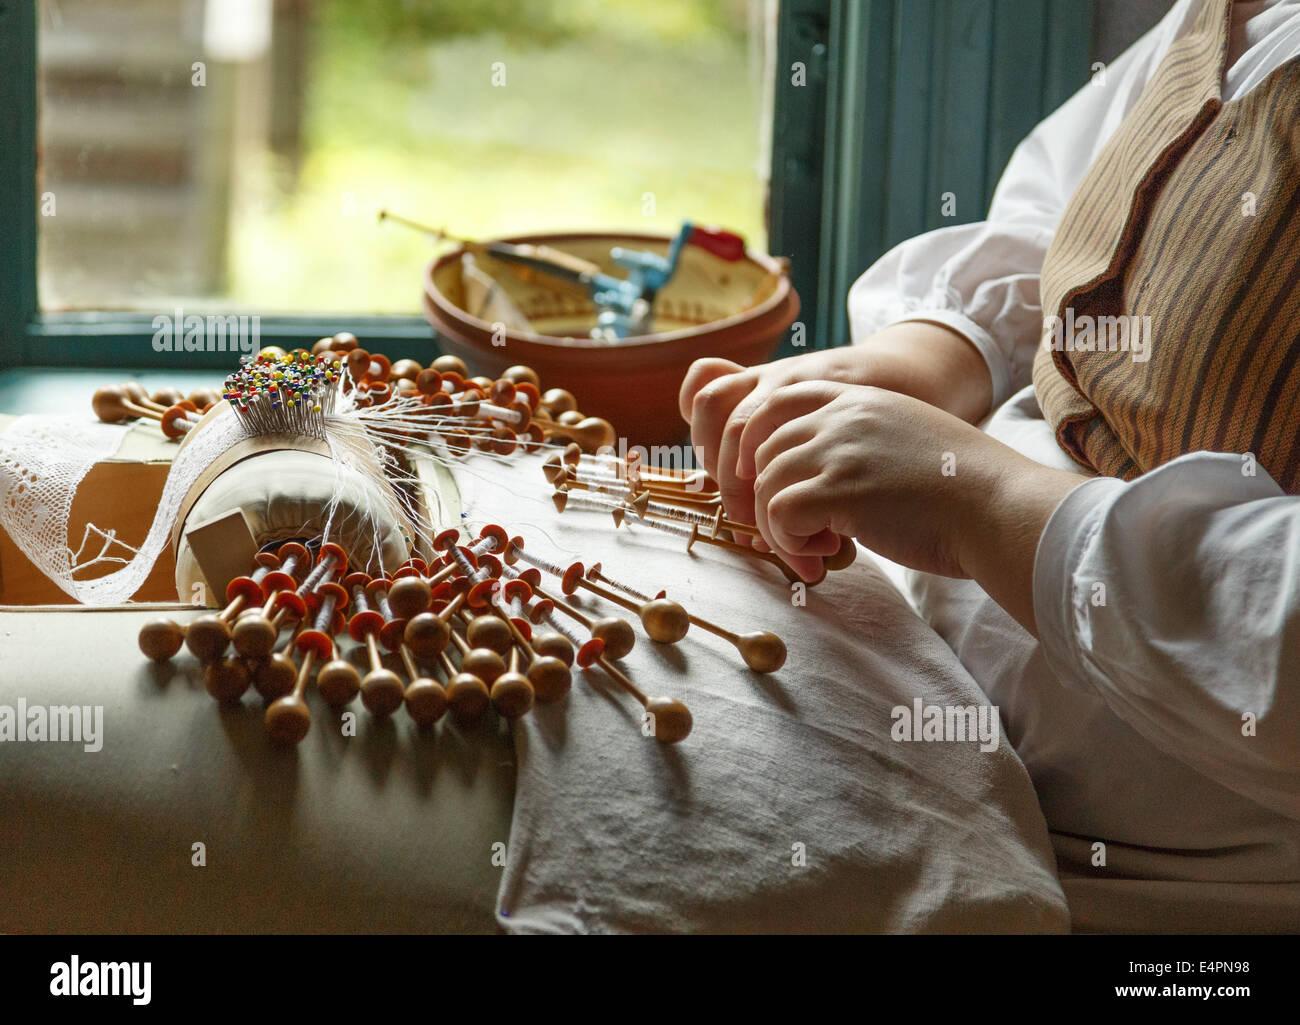 Il merletto a tombolo essendo prodotta con il metodo tradizionale a mano con rocche e un cuscino con i perni guida Immagini Stock